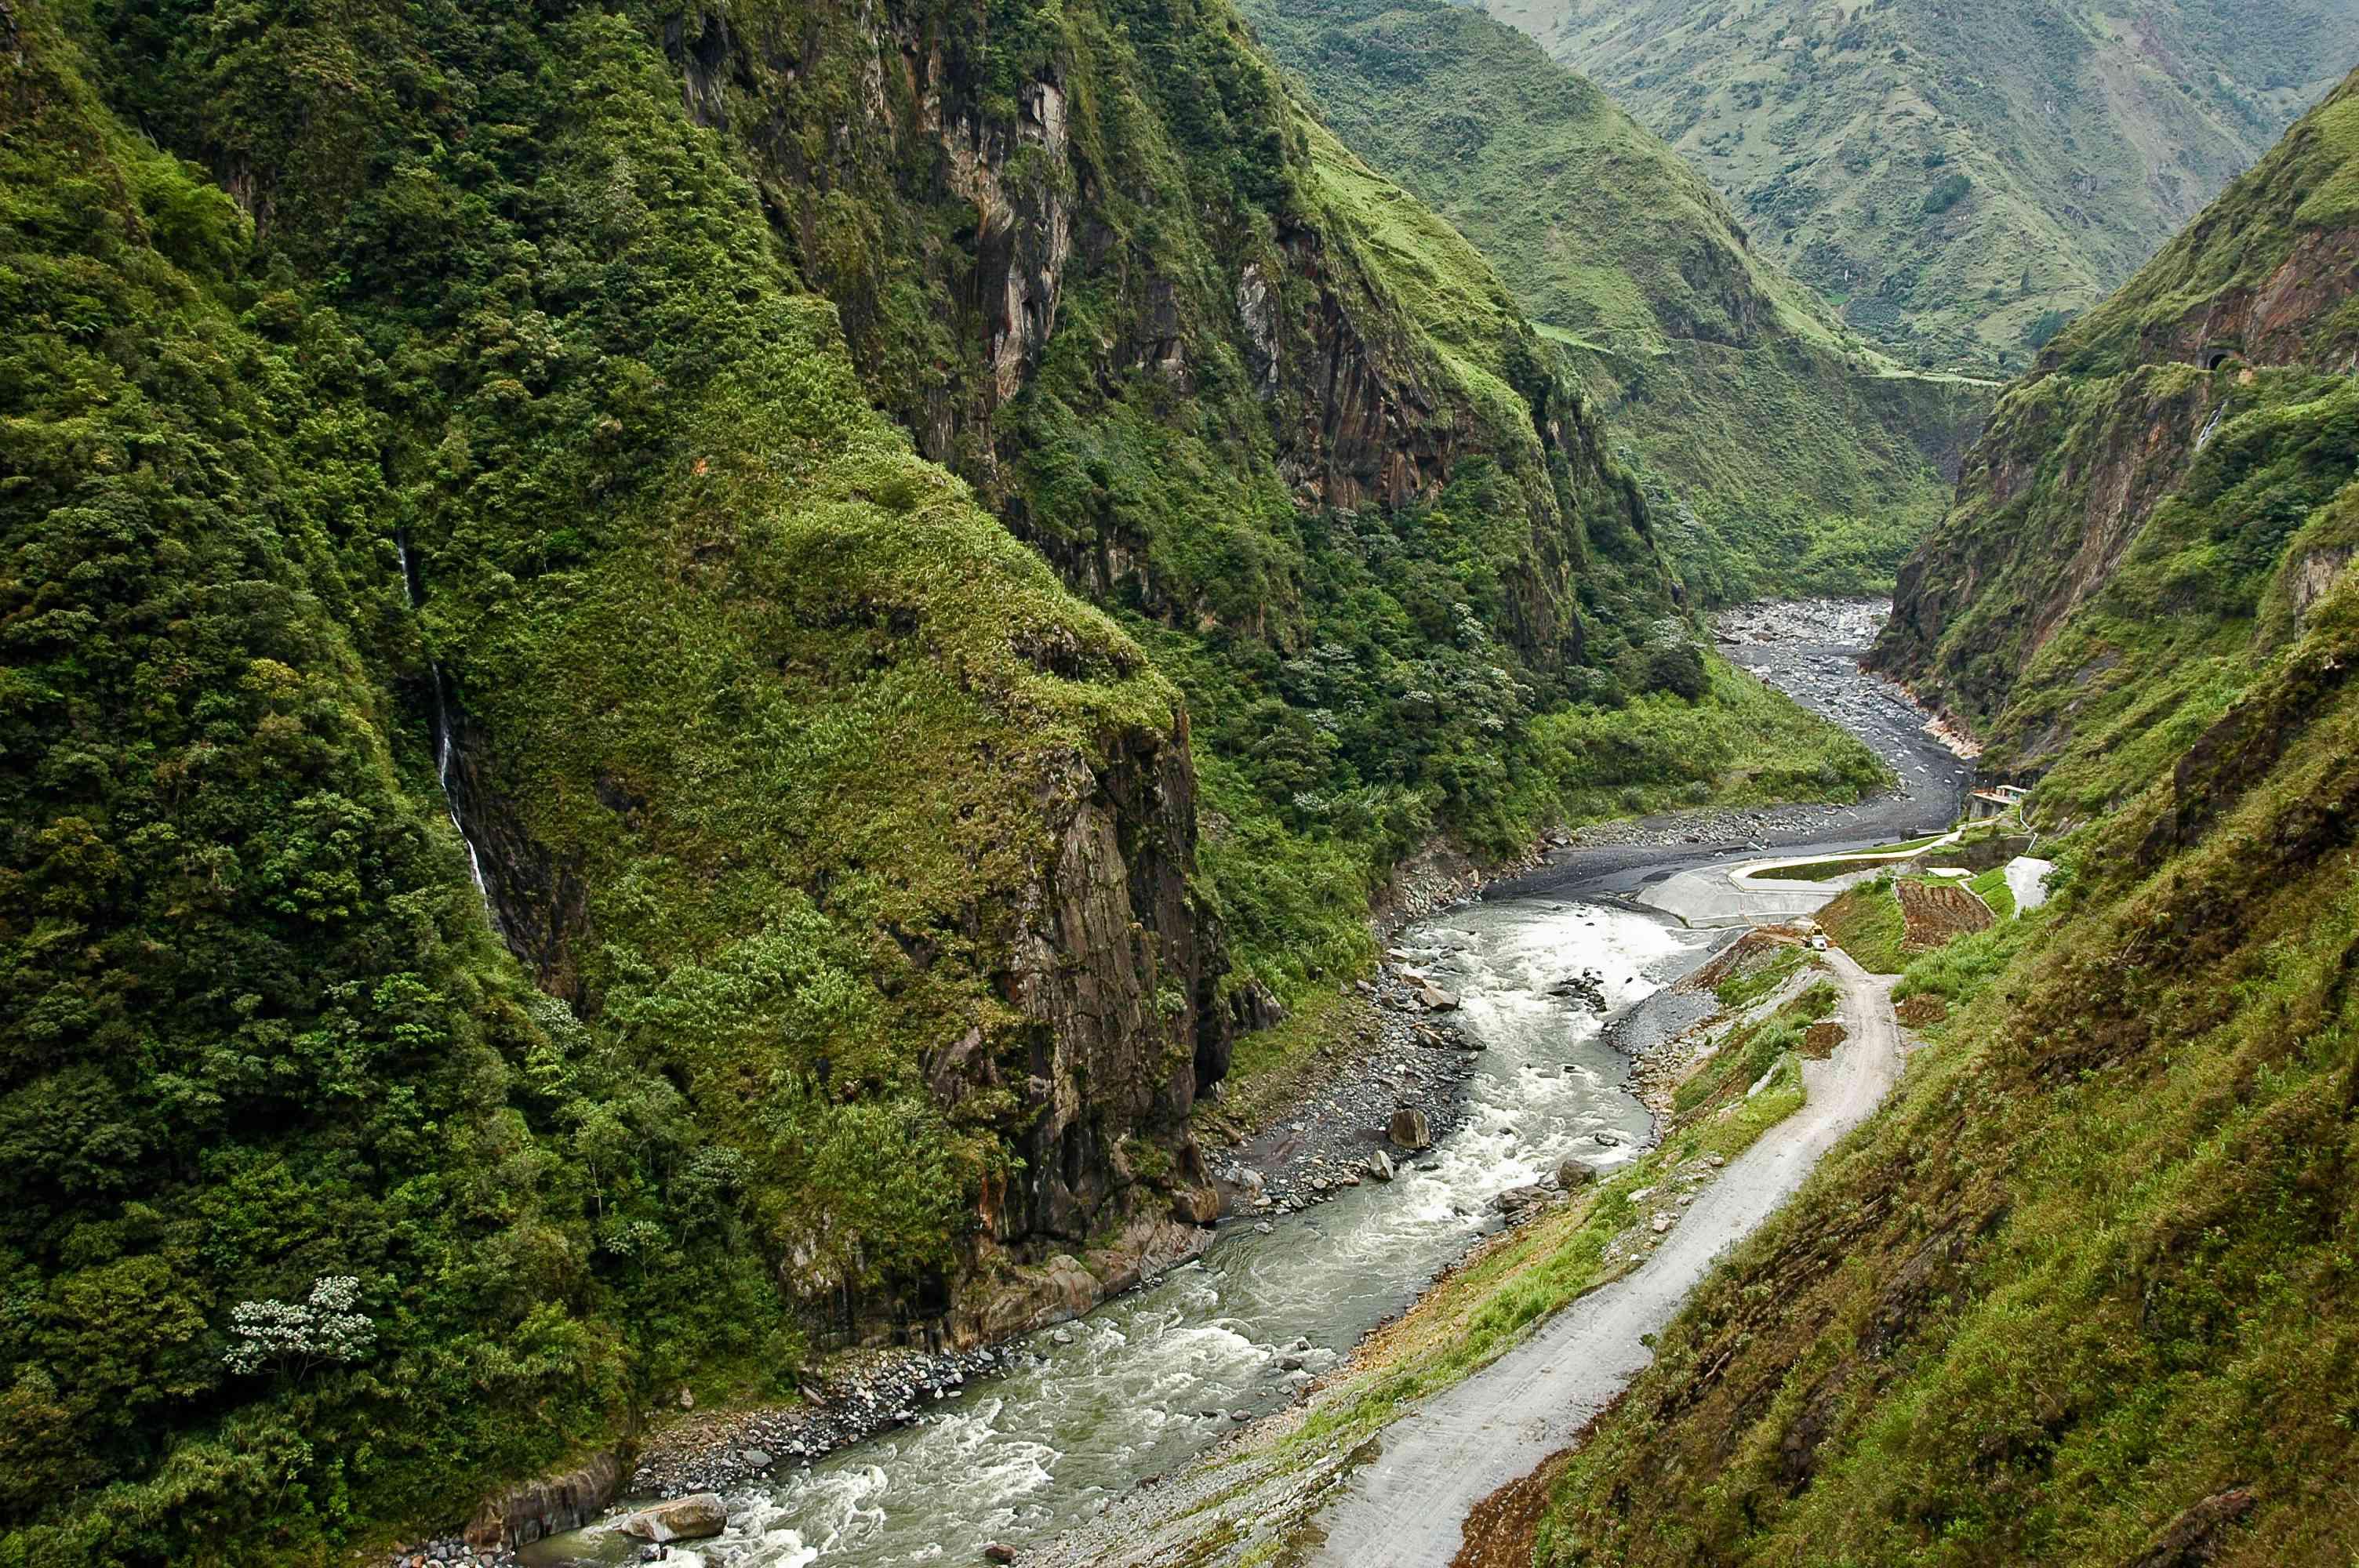 The Pastaza River, Baños, Ecuador